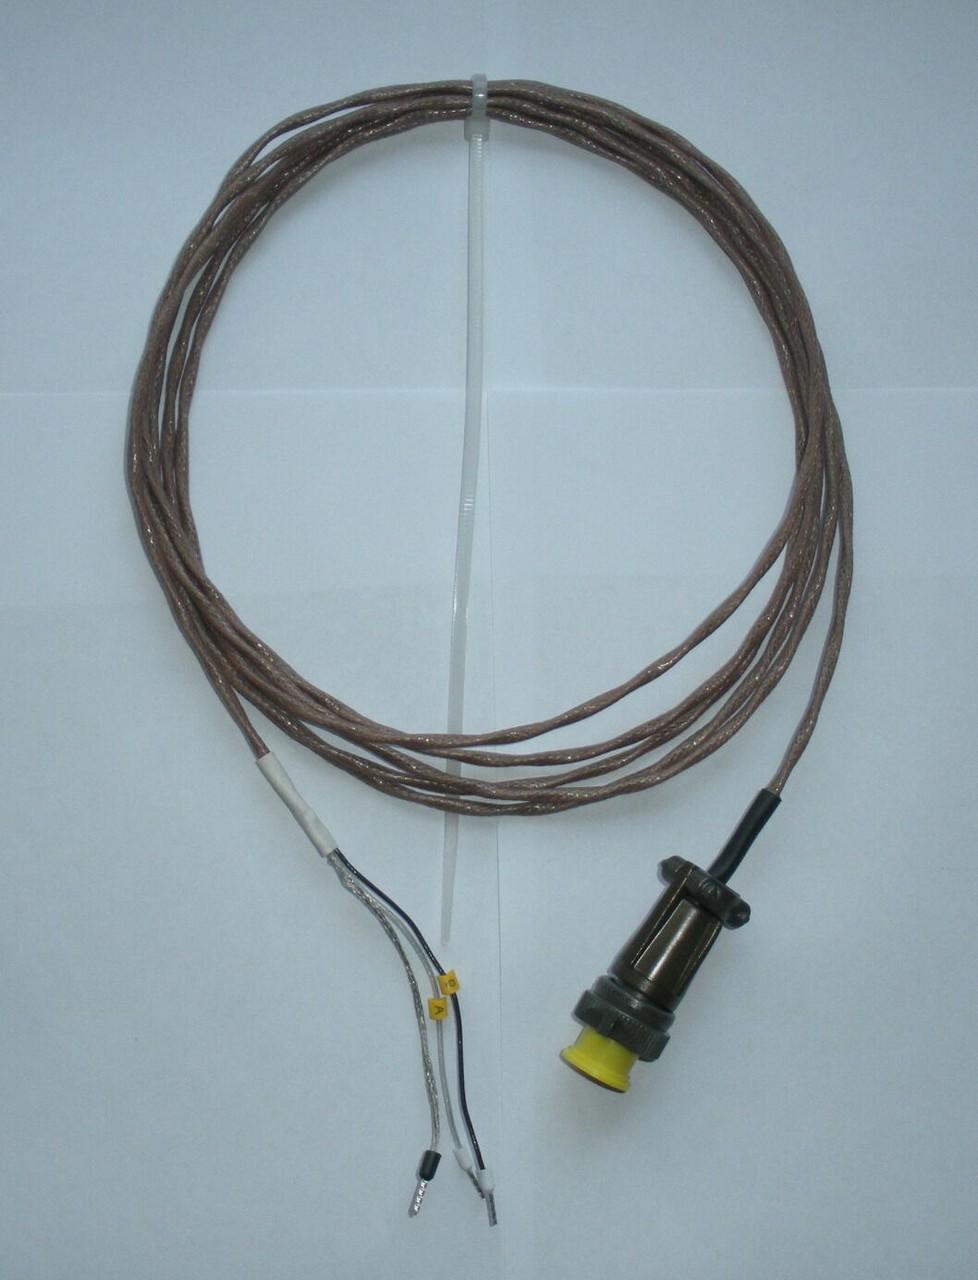 модель ВТ-2Е-2-М0-А2Р-В0Н-05 (5м,с кабельными наконечниками)